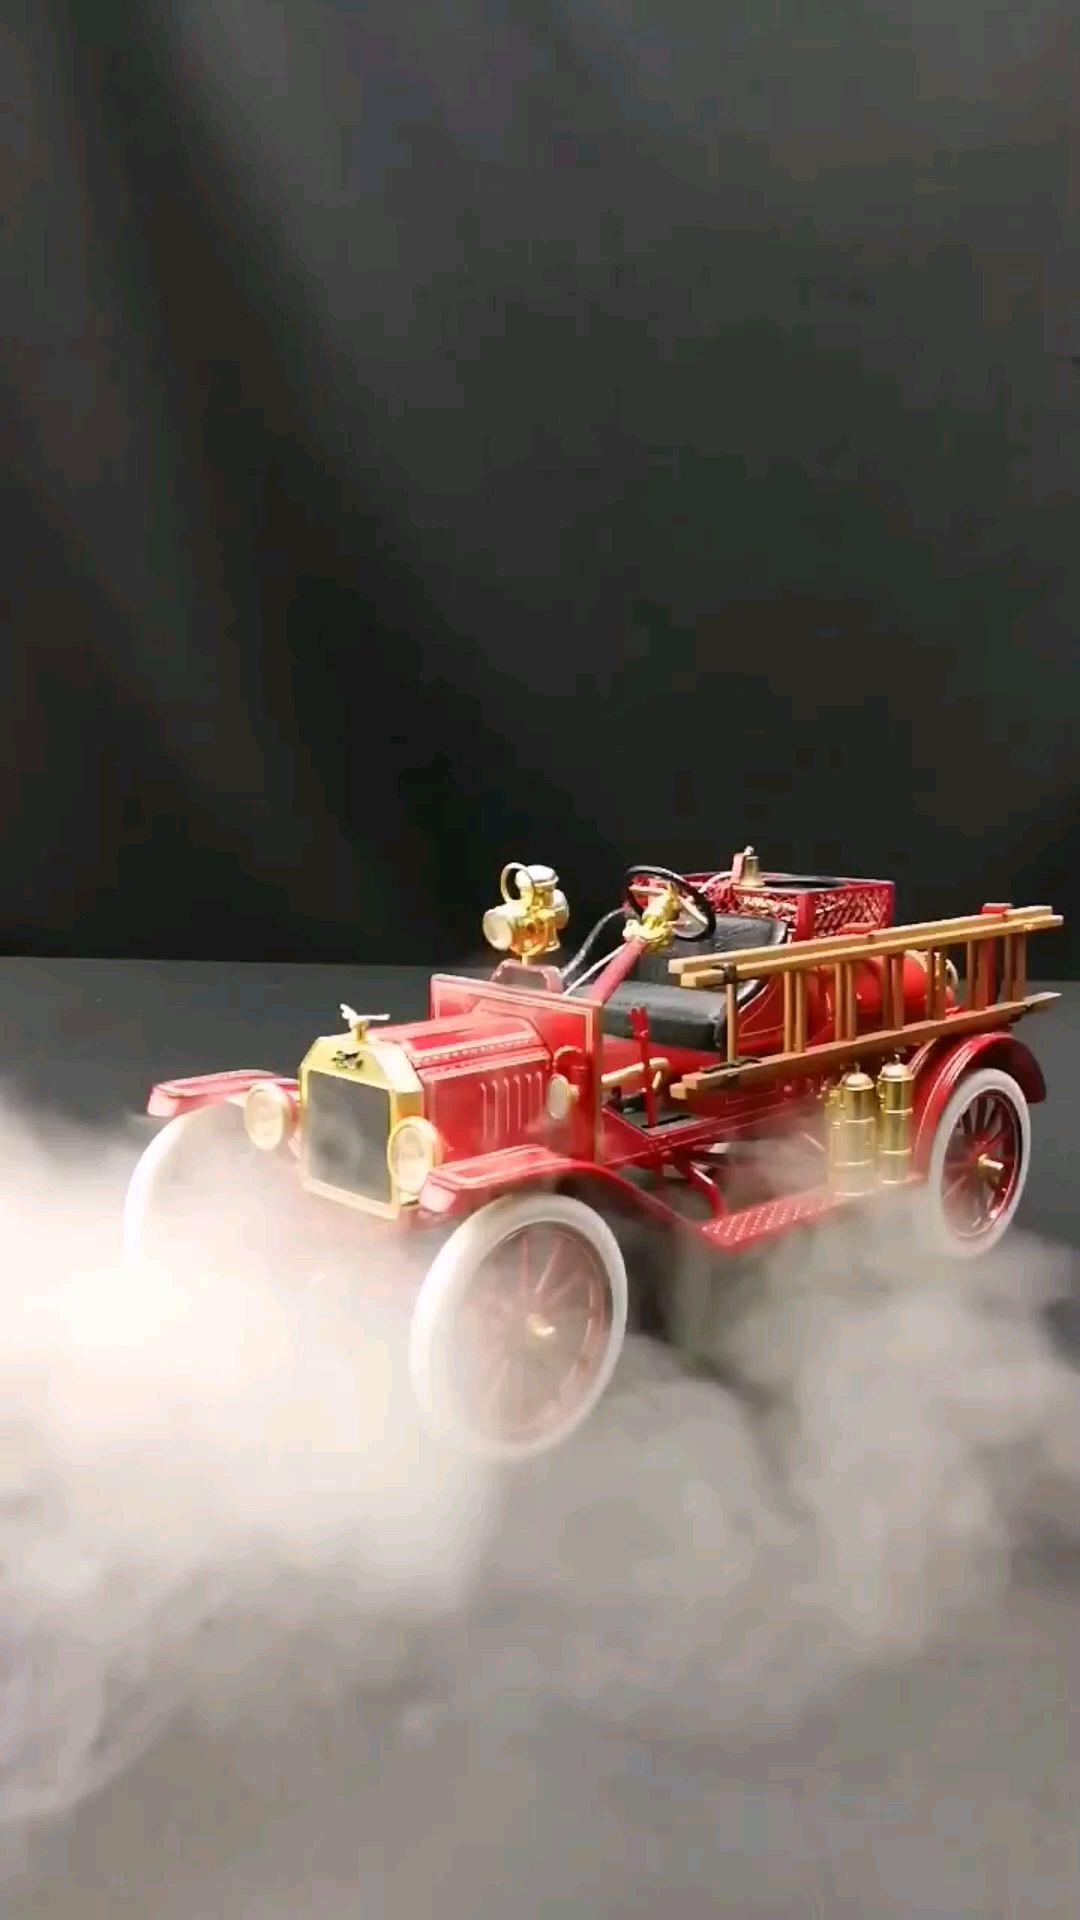 1916福特T型消防车,1:16比例,东晓汽车模型收藏馆藏品。